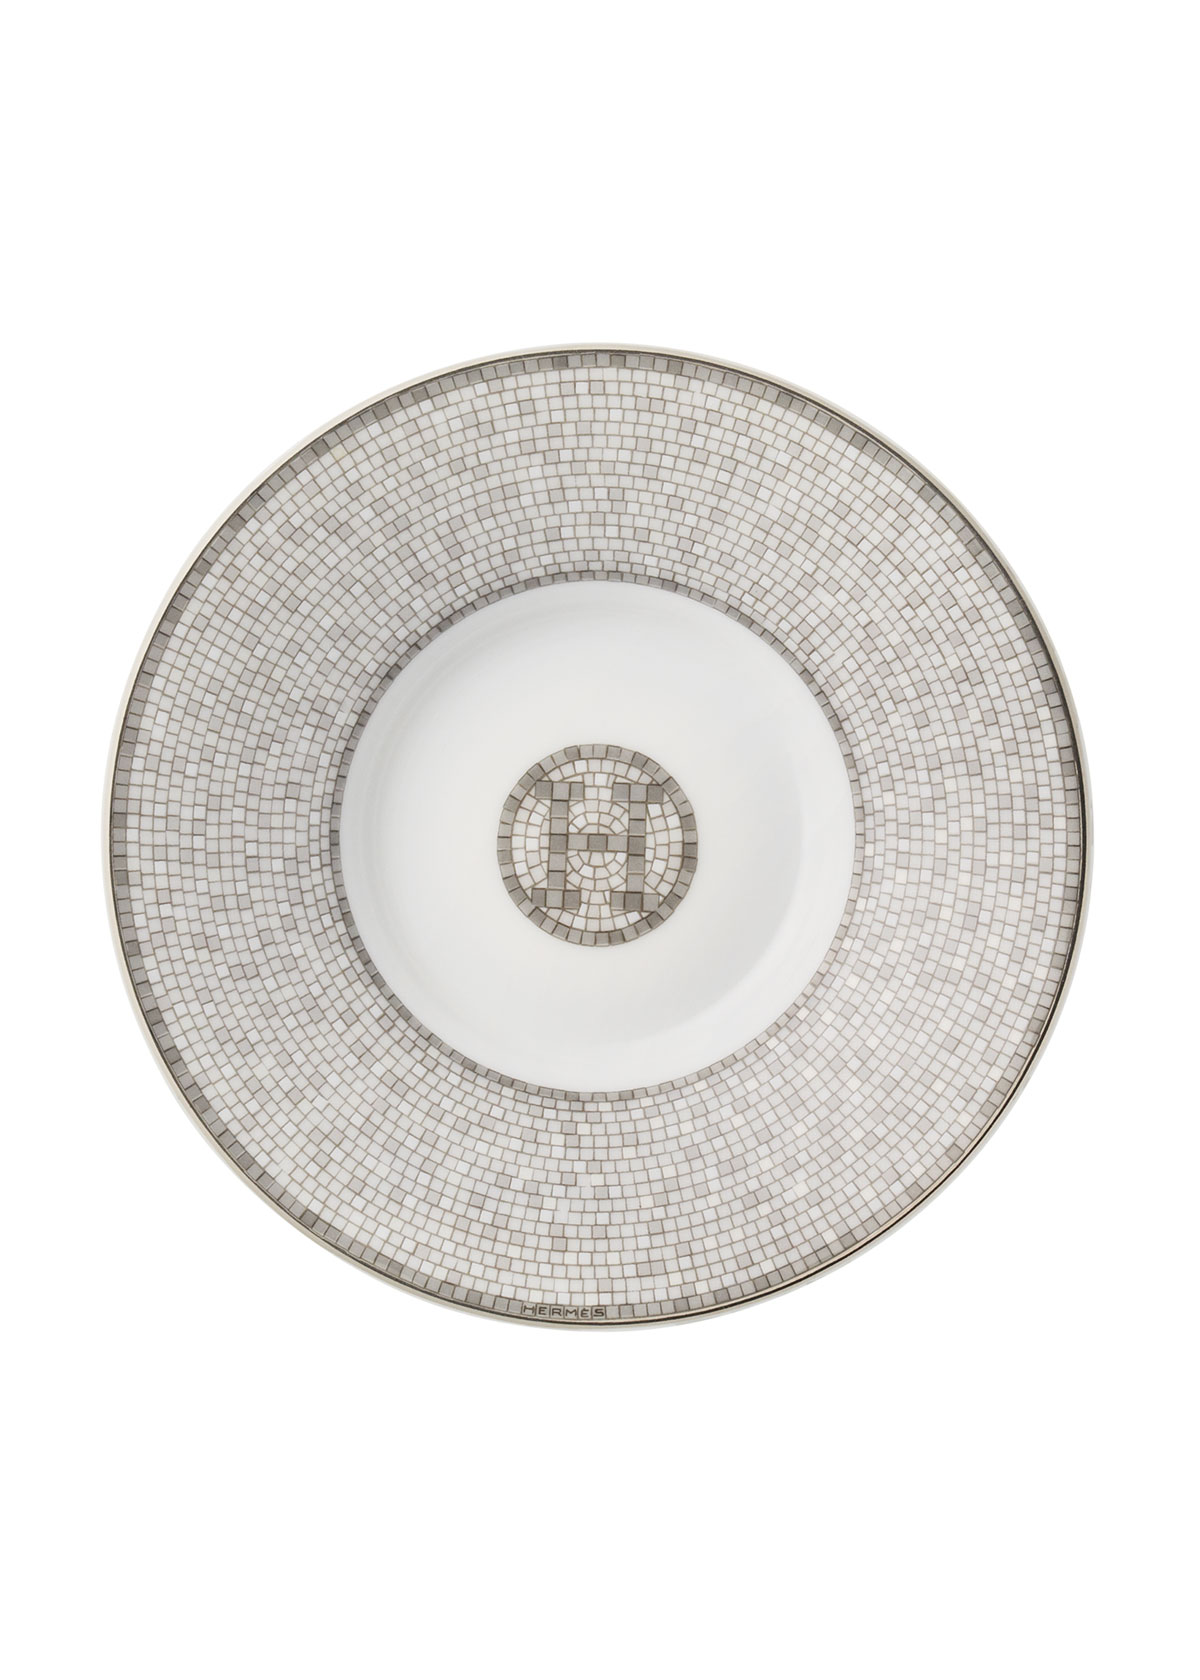 Hermès Mosaique Au 24 Platinum Coffee Cup and Saucer Set ...